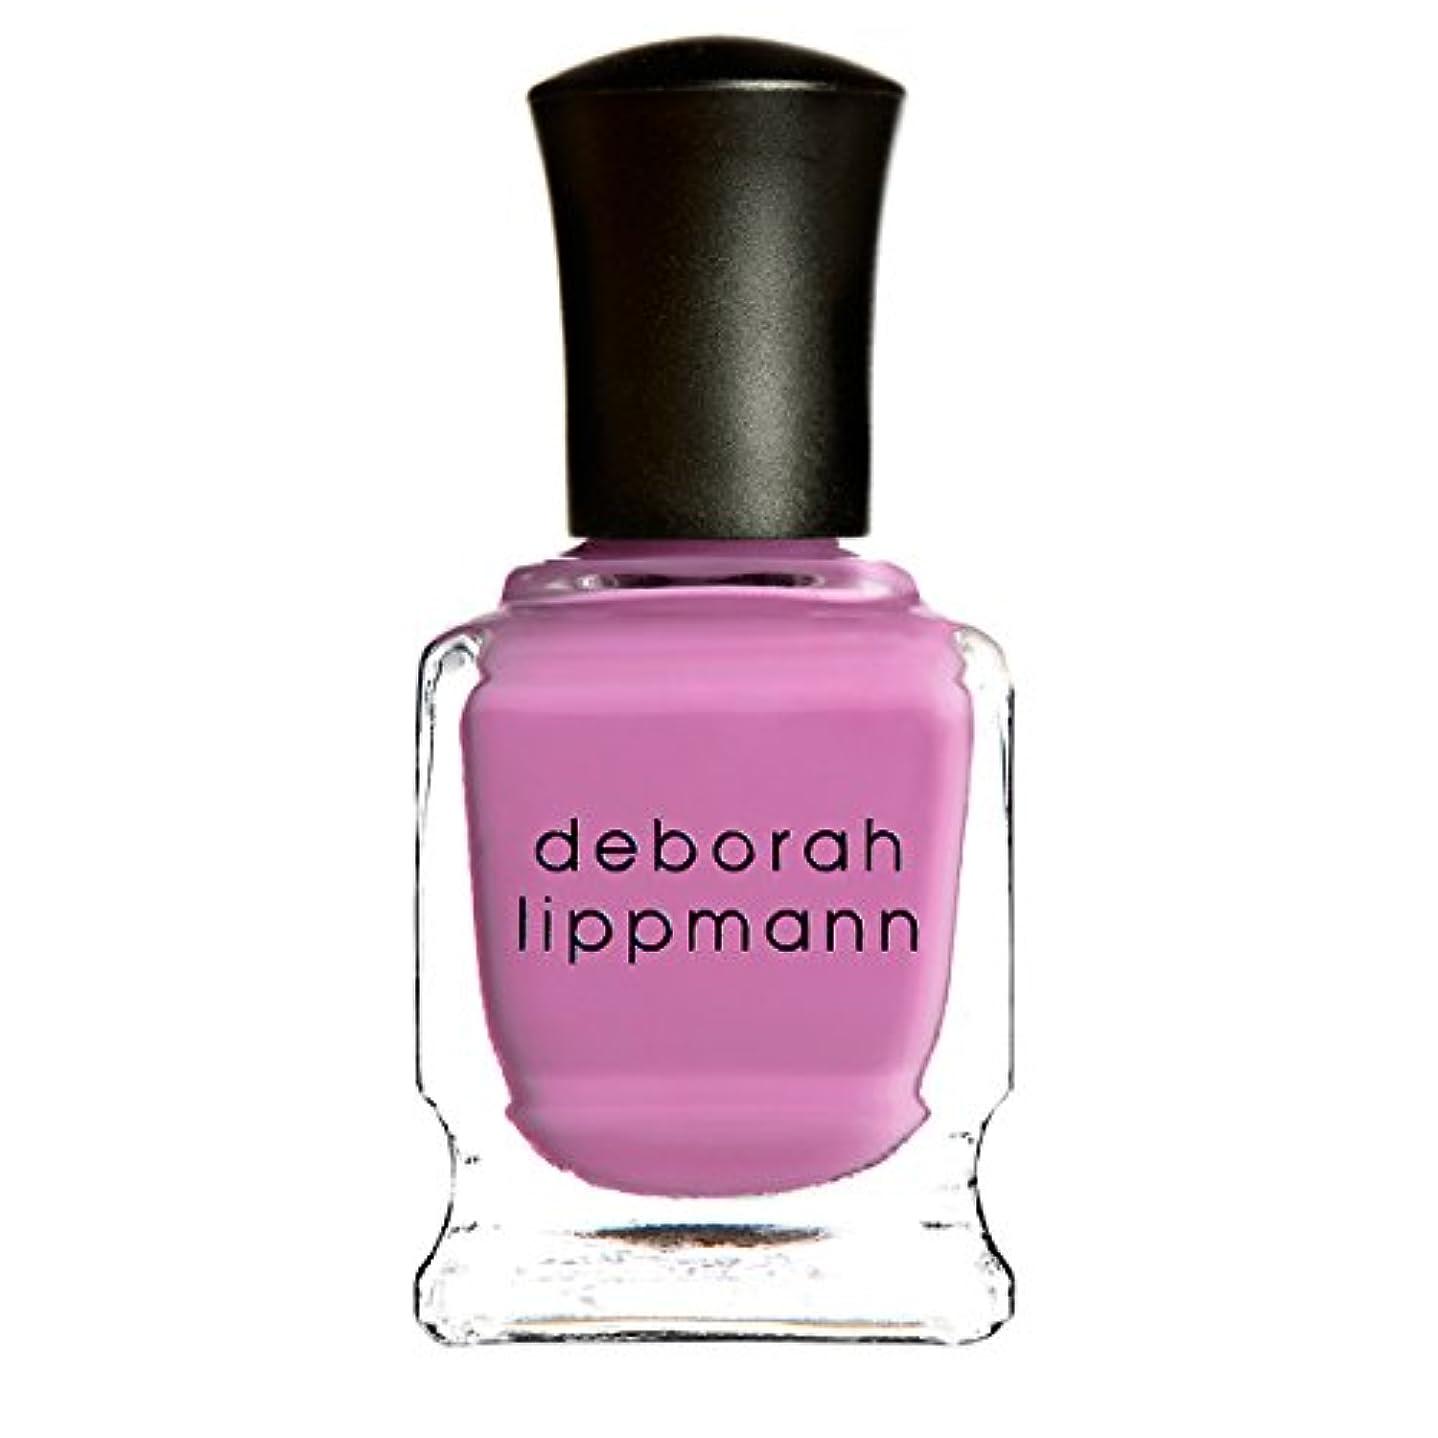 回転ディスコ利用可能[Deborah Lippmann] デボラリップマン ミニ ポリッシュ ネイルポリッシュ ピンク系 「シーバップ 」 8 ml 【デボラリップマン】 SHE BOP【deborah lippmann】